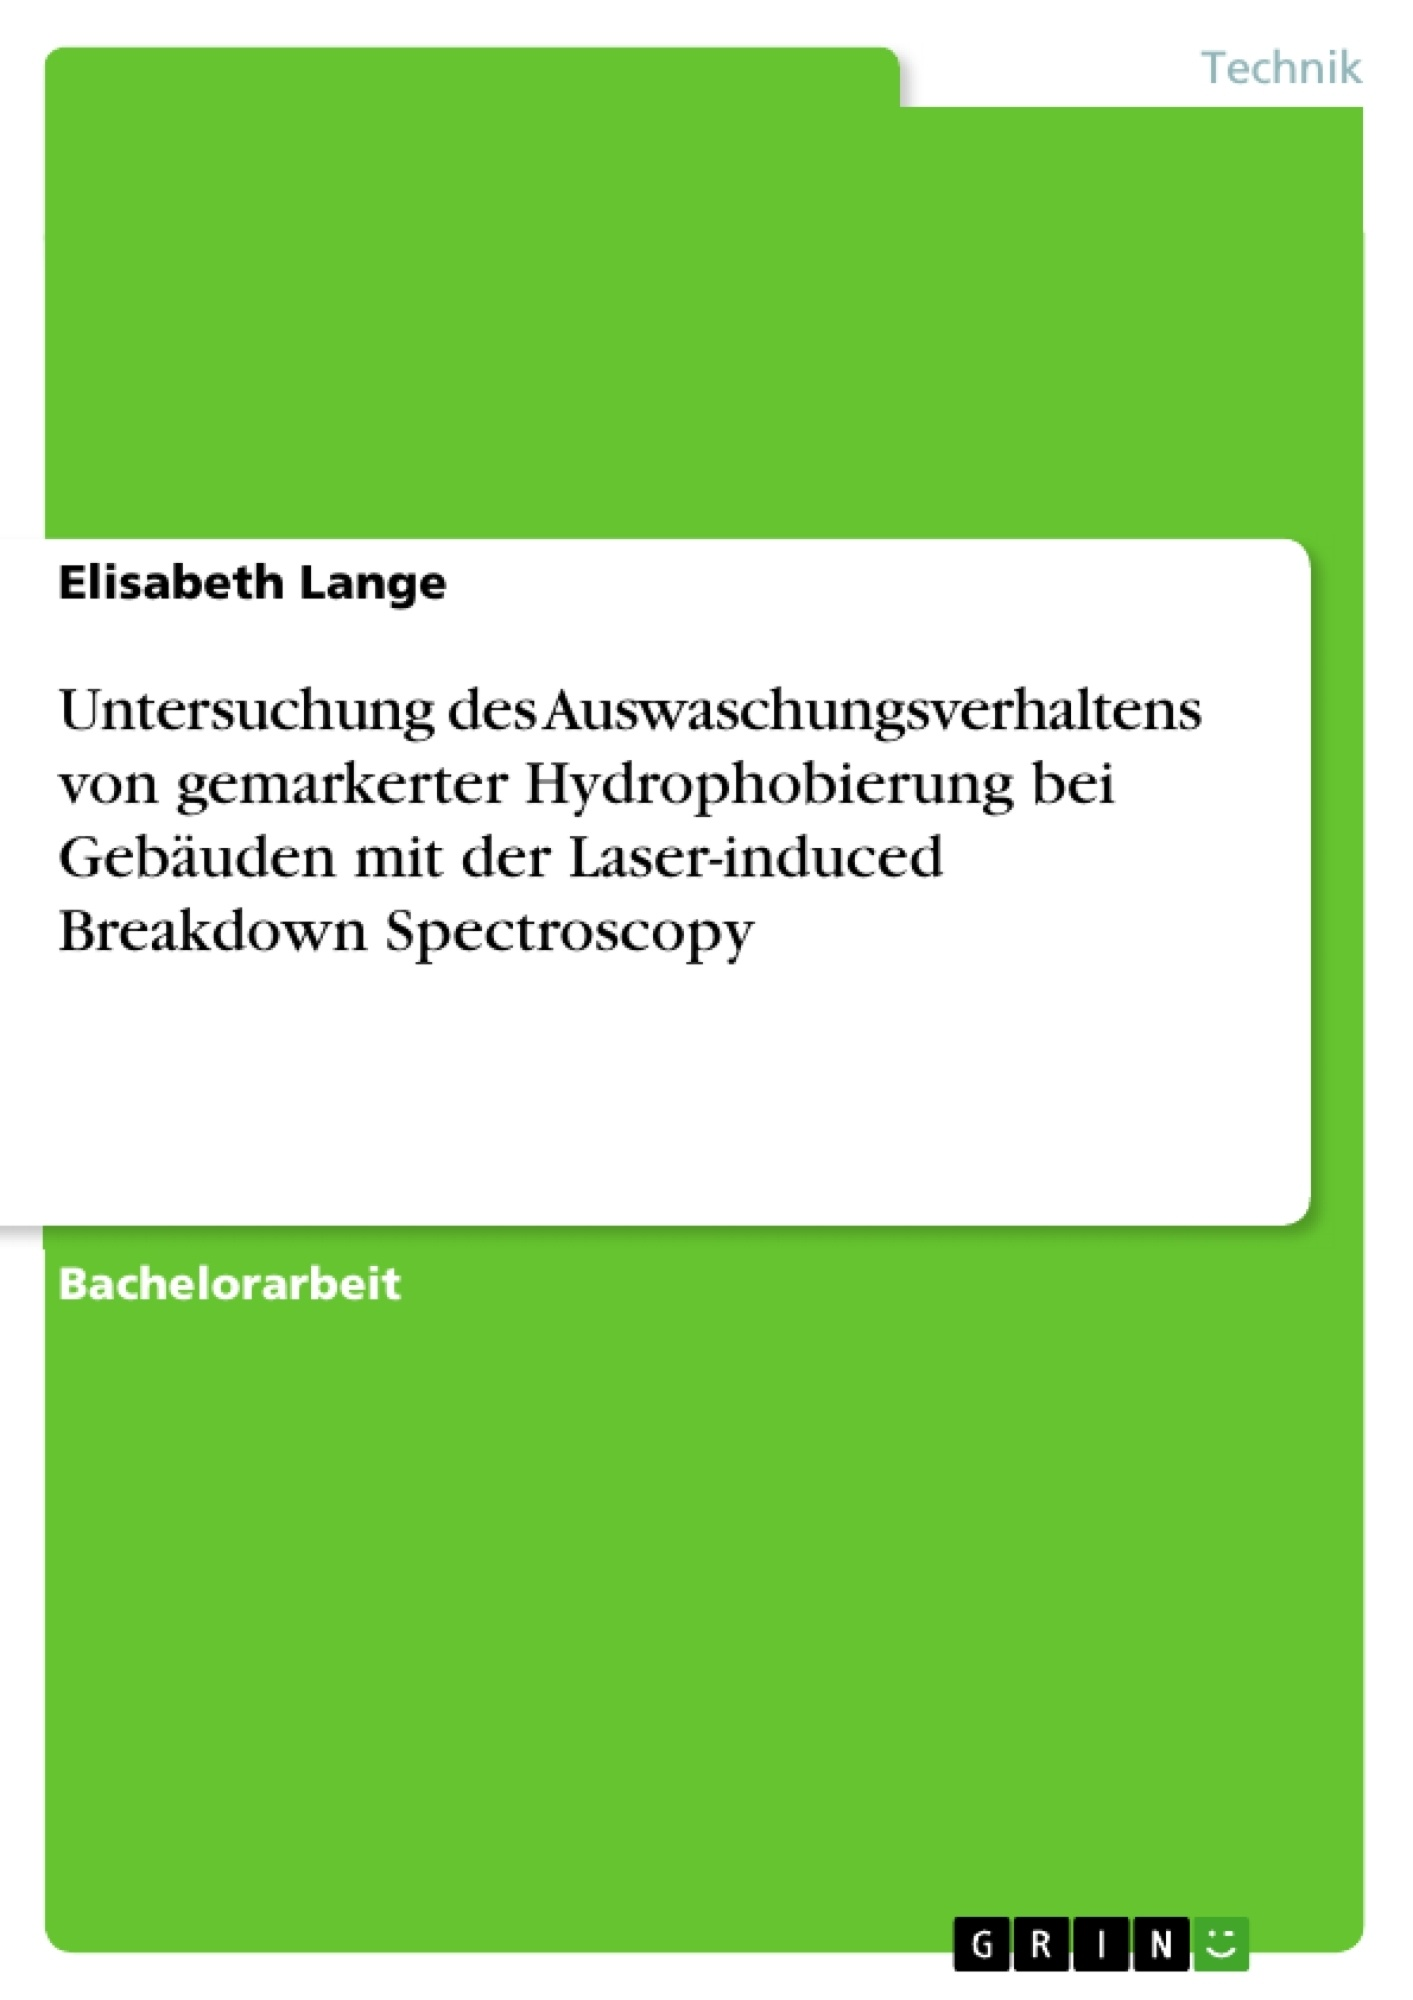 Titel: Untersuchung des Auswaschungsverhaltens von gemarkerter Hydrophobierung bei Gebäuden mit der Laser-induced Breakdown Spectroscopy